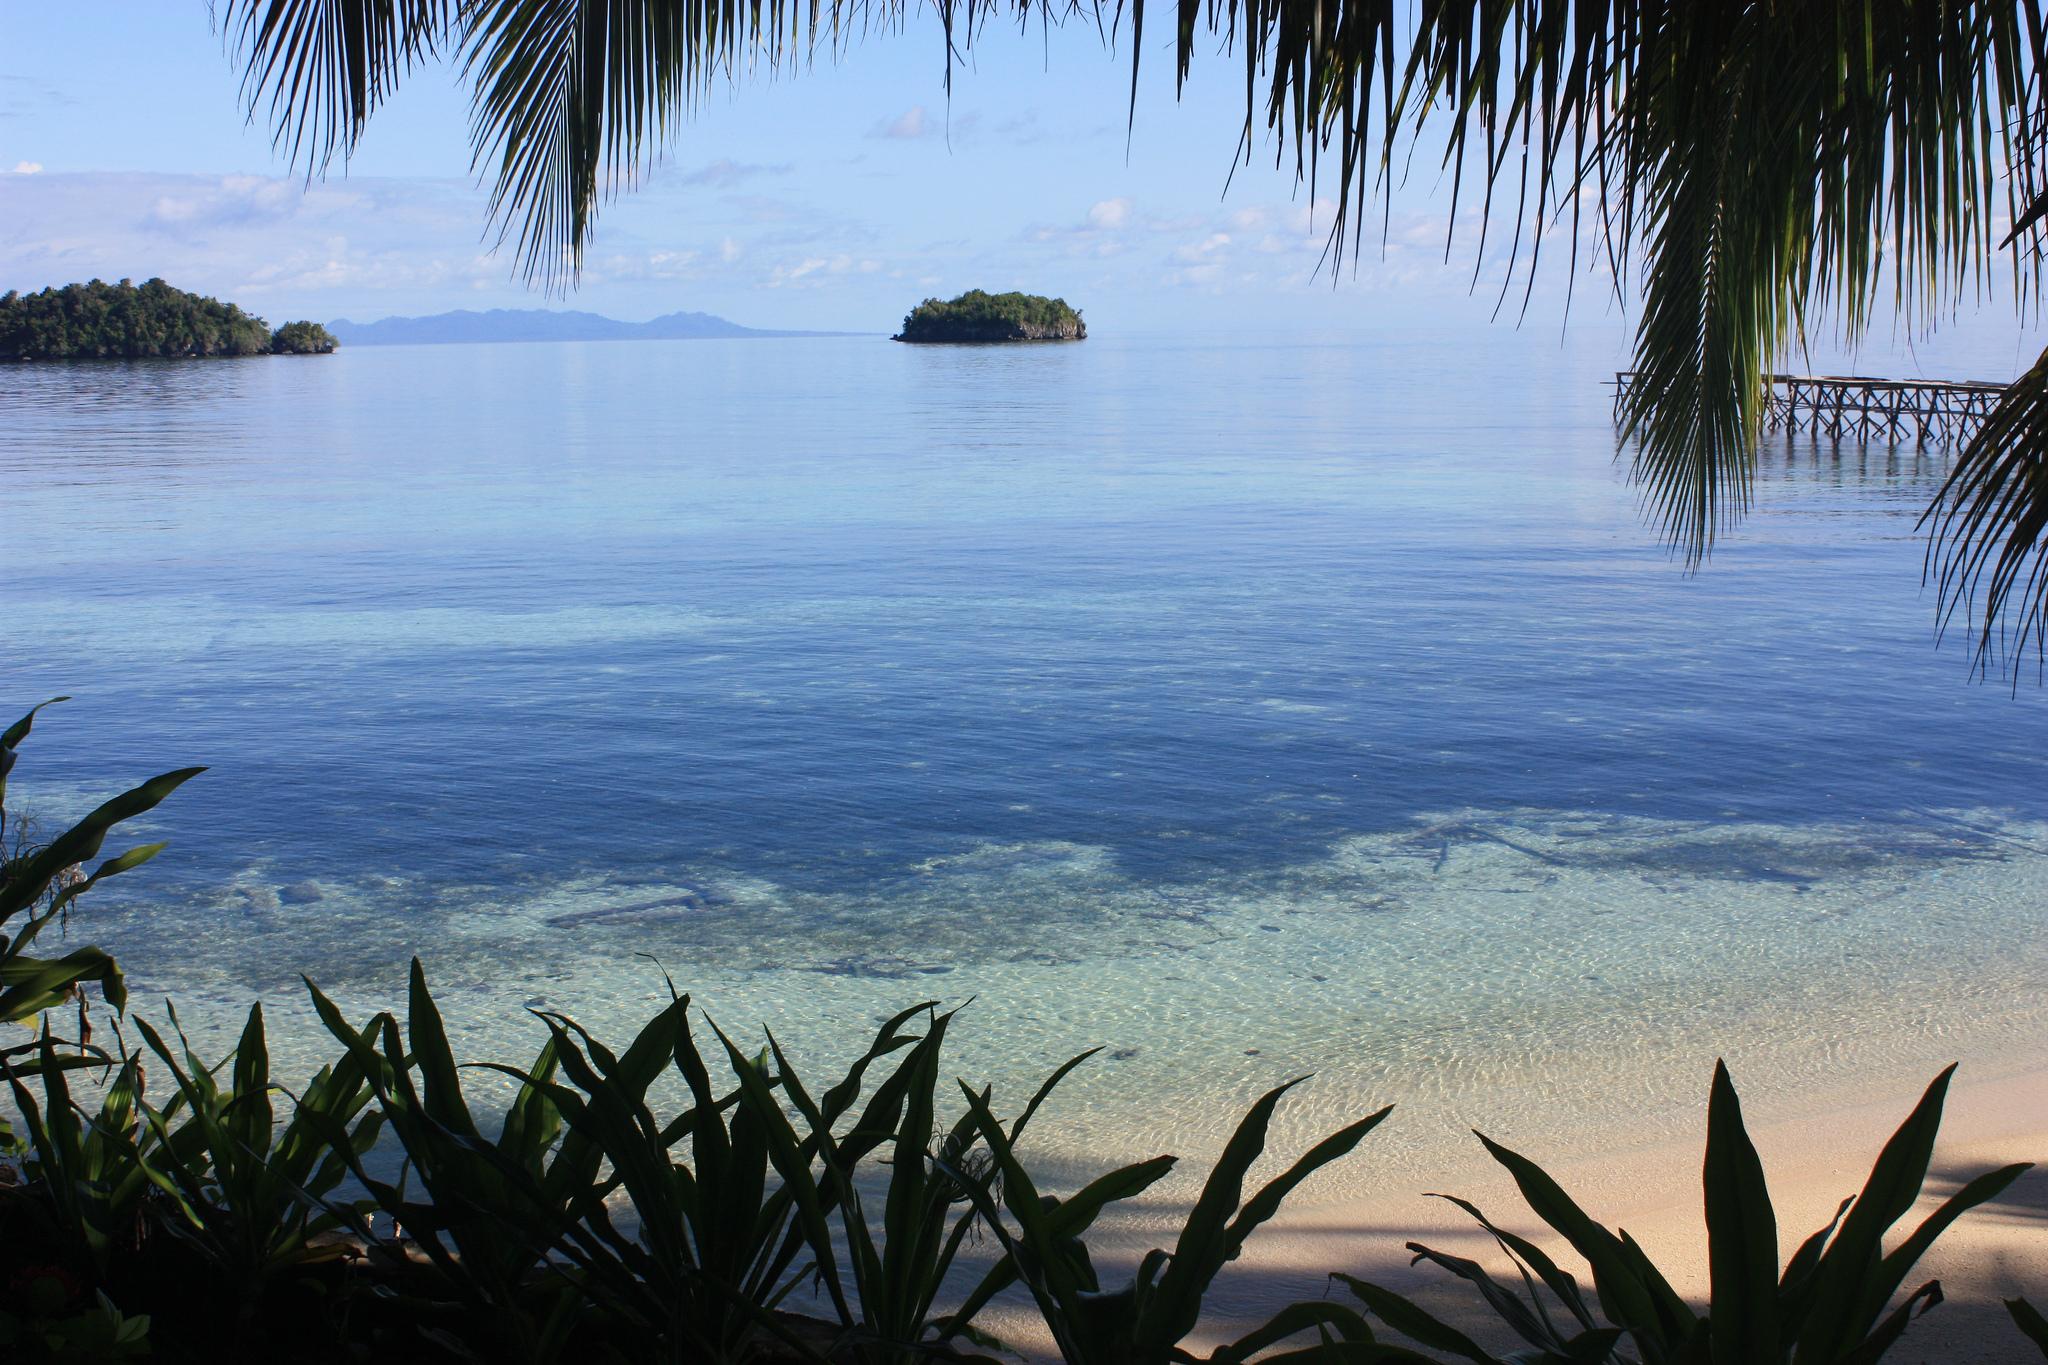 Plongée aux îles Togian, Sulawesi, Indonésie